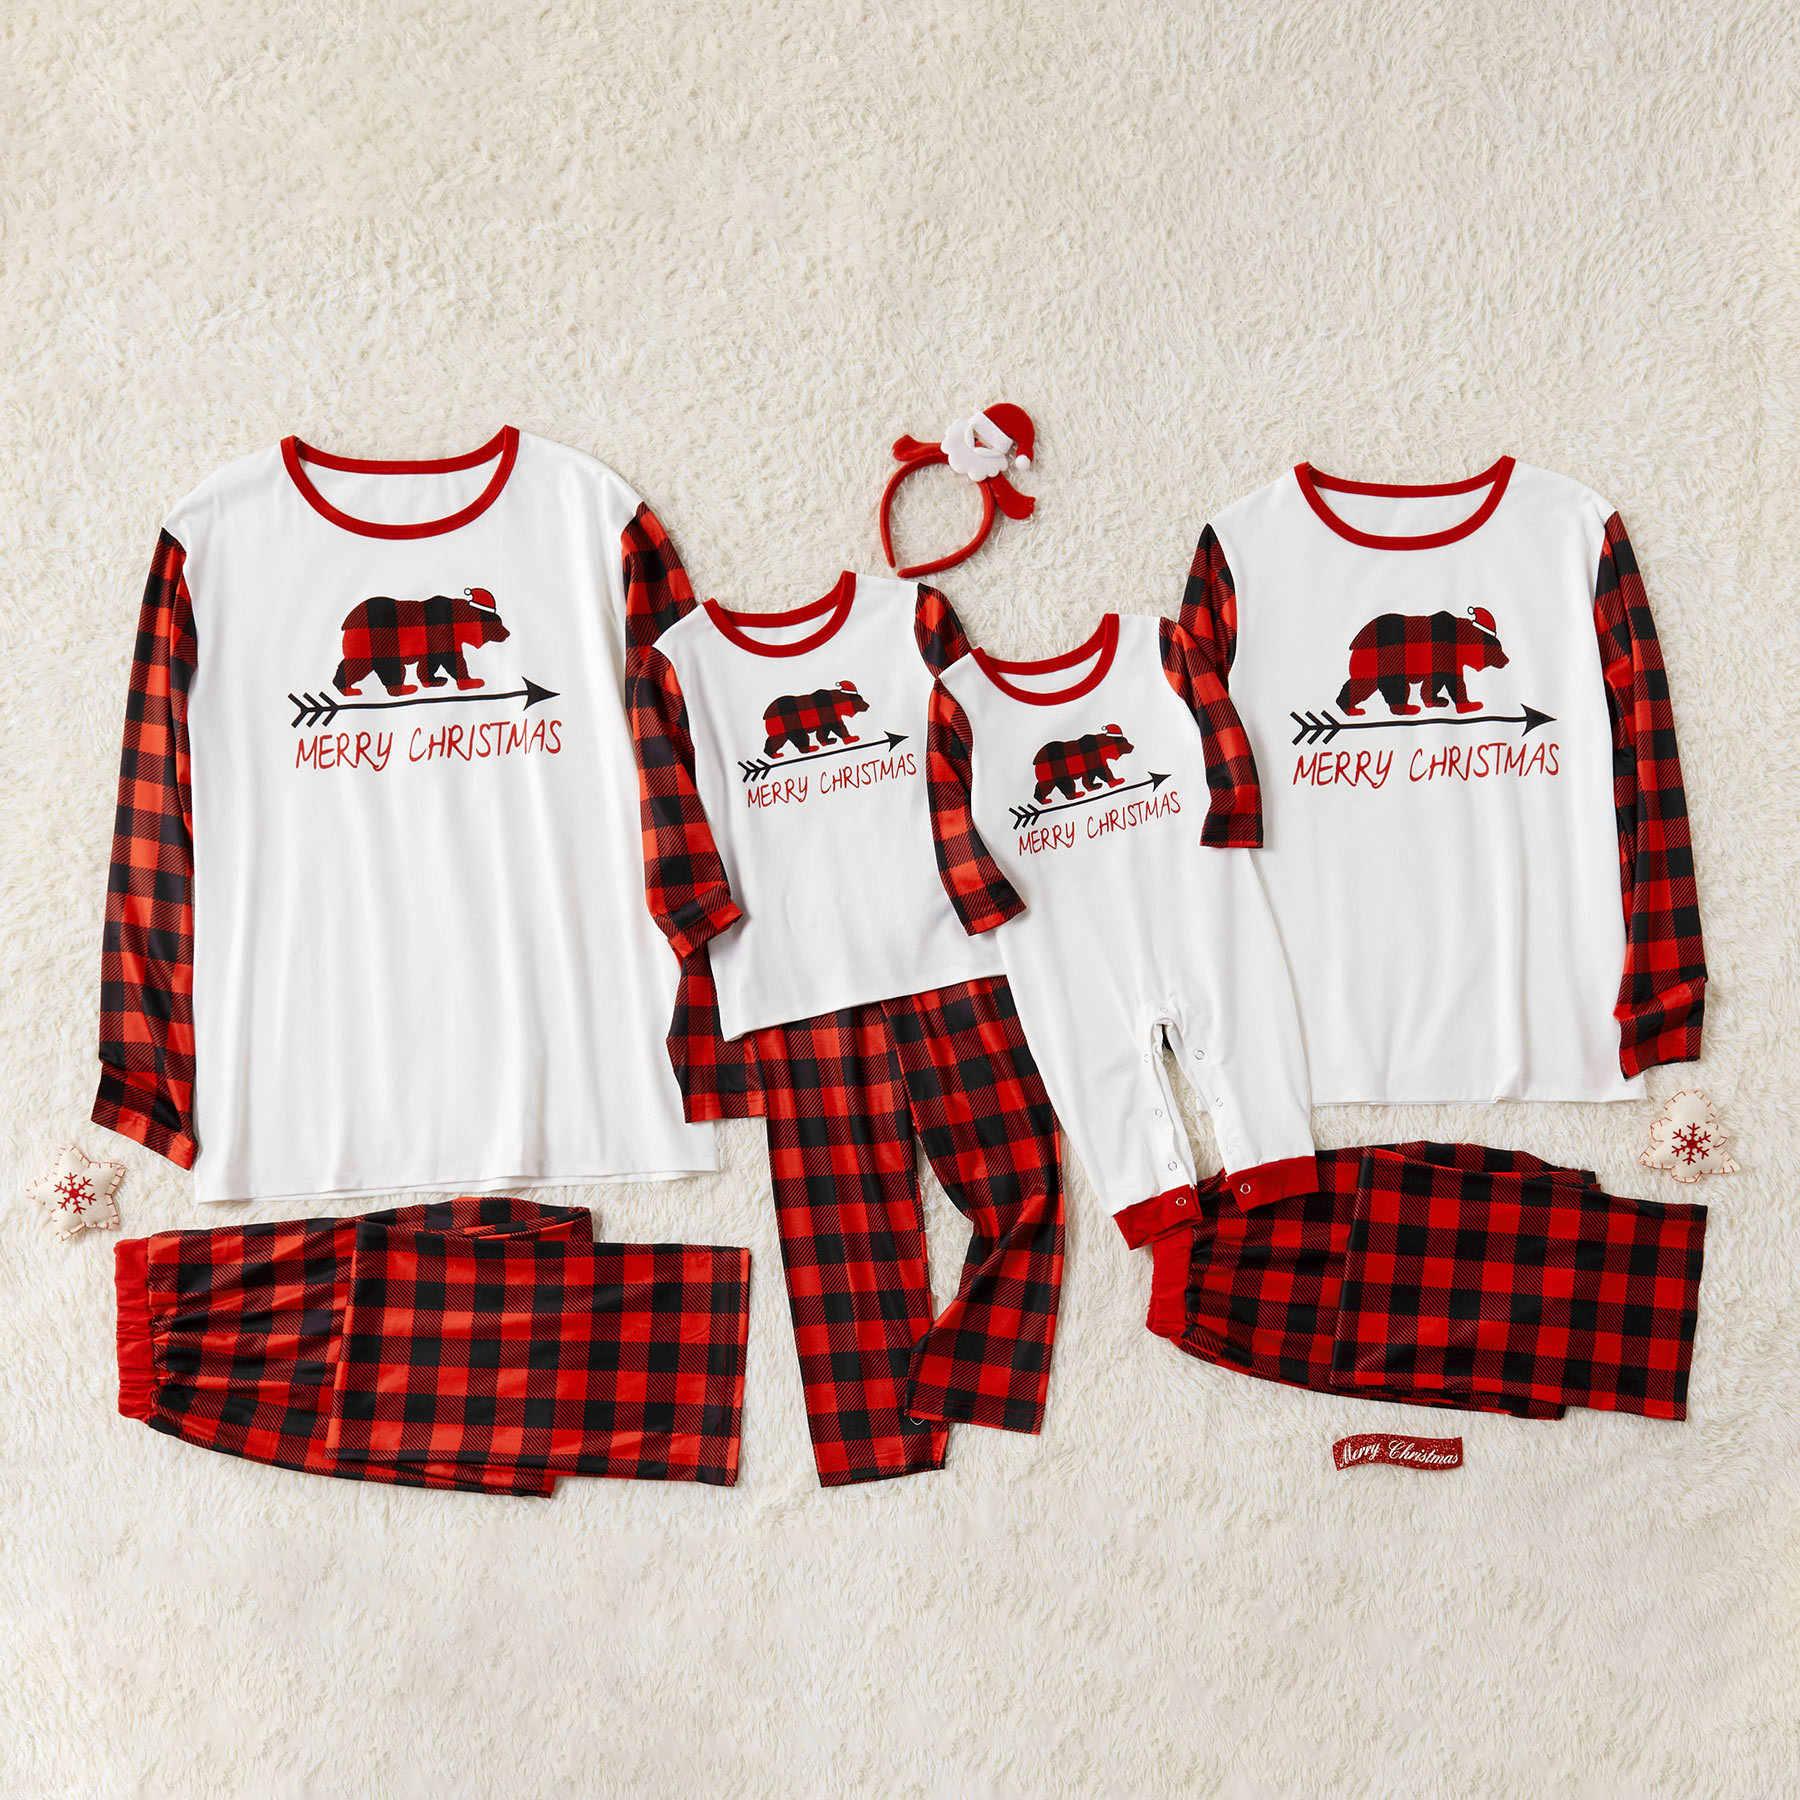 Kotak-kotak Baju Tidur Keluarga Terlihat Natal Piyama Ibu Ayah dan Aku Yang Sesuai dengan Pakaian Ibu Putri Ayah Anak & Bayi Piyama set